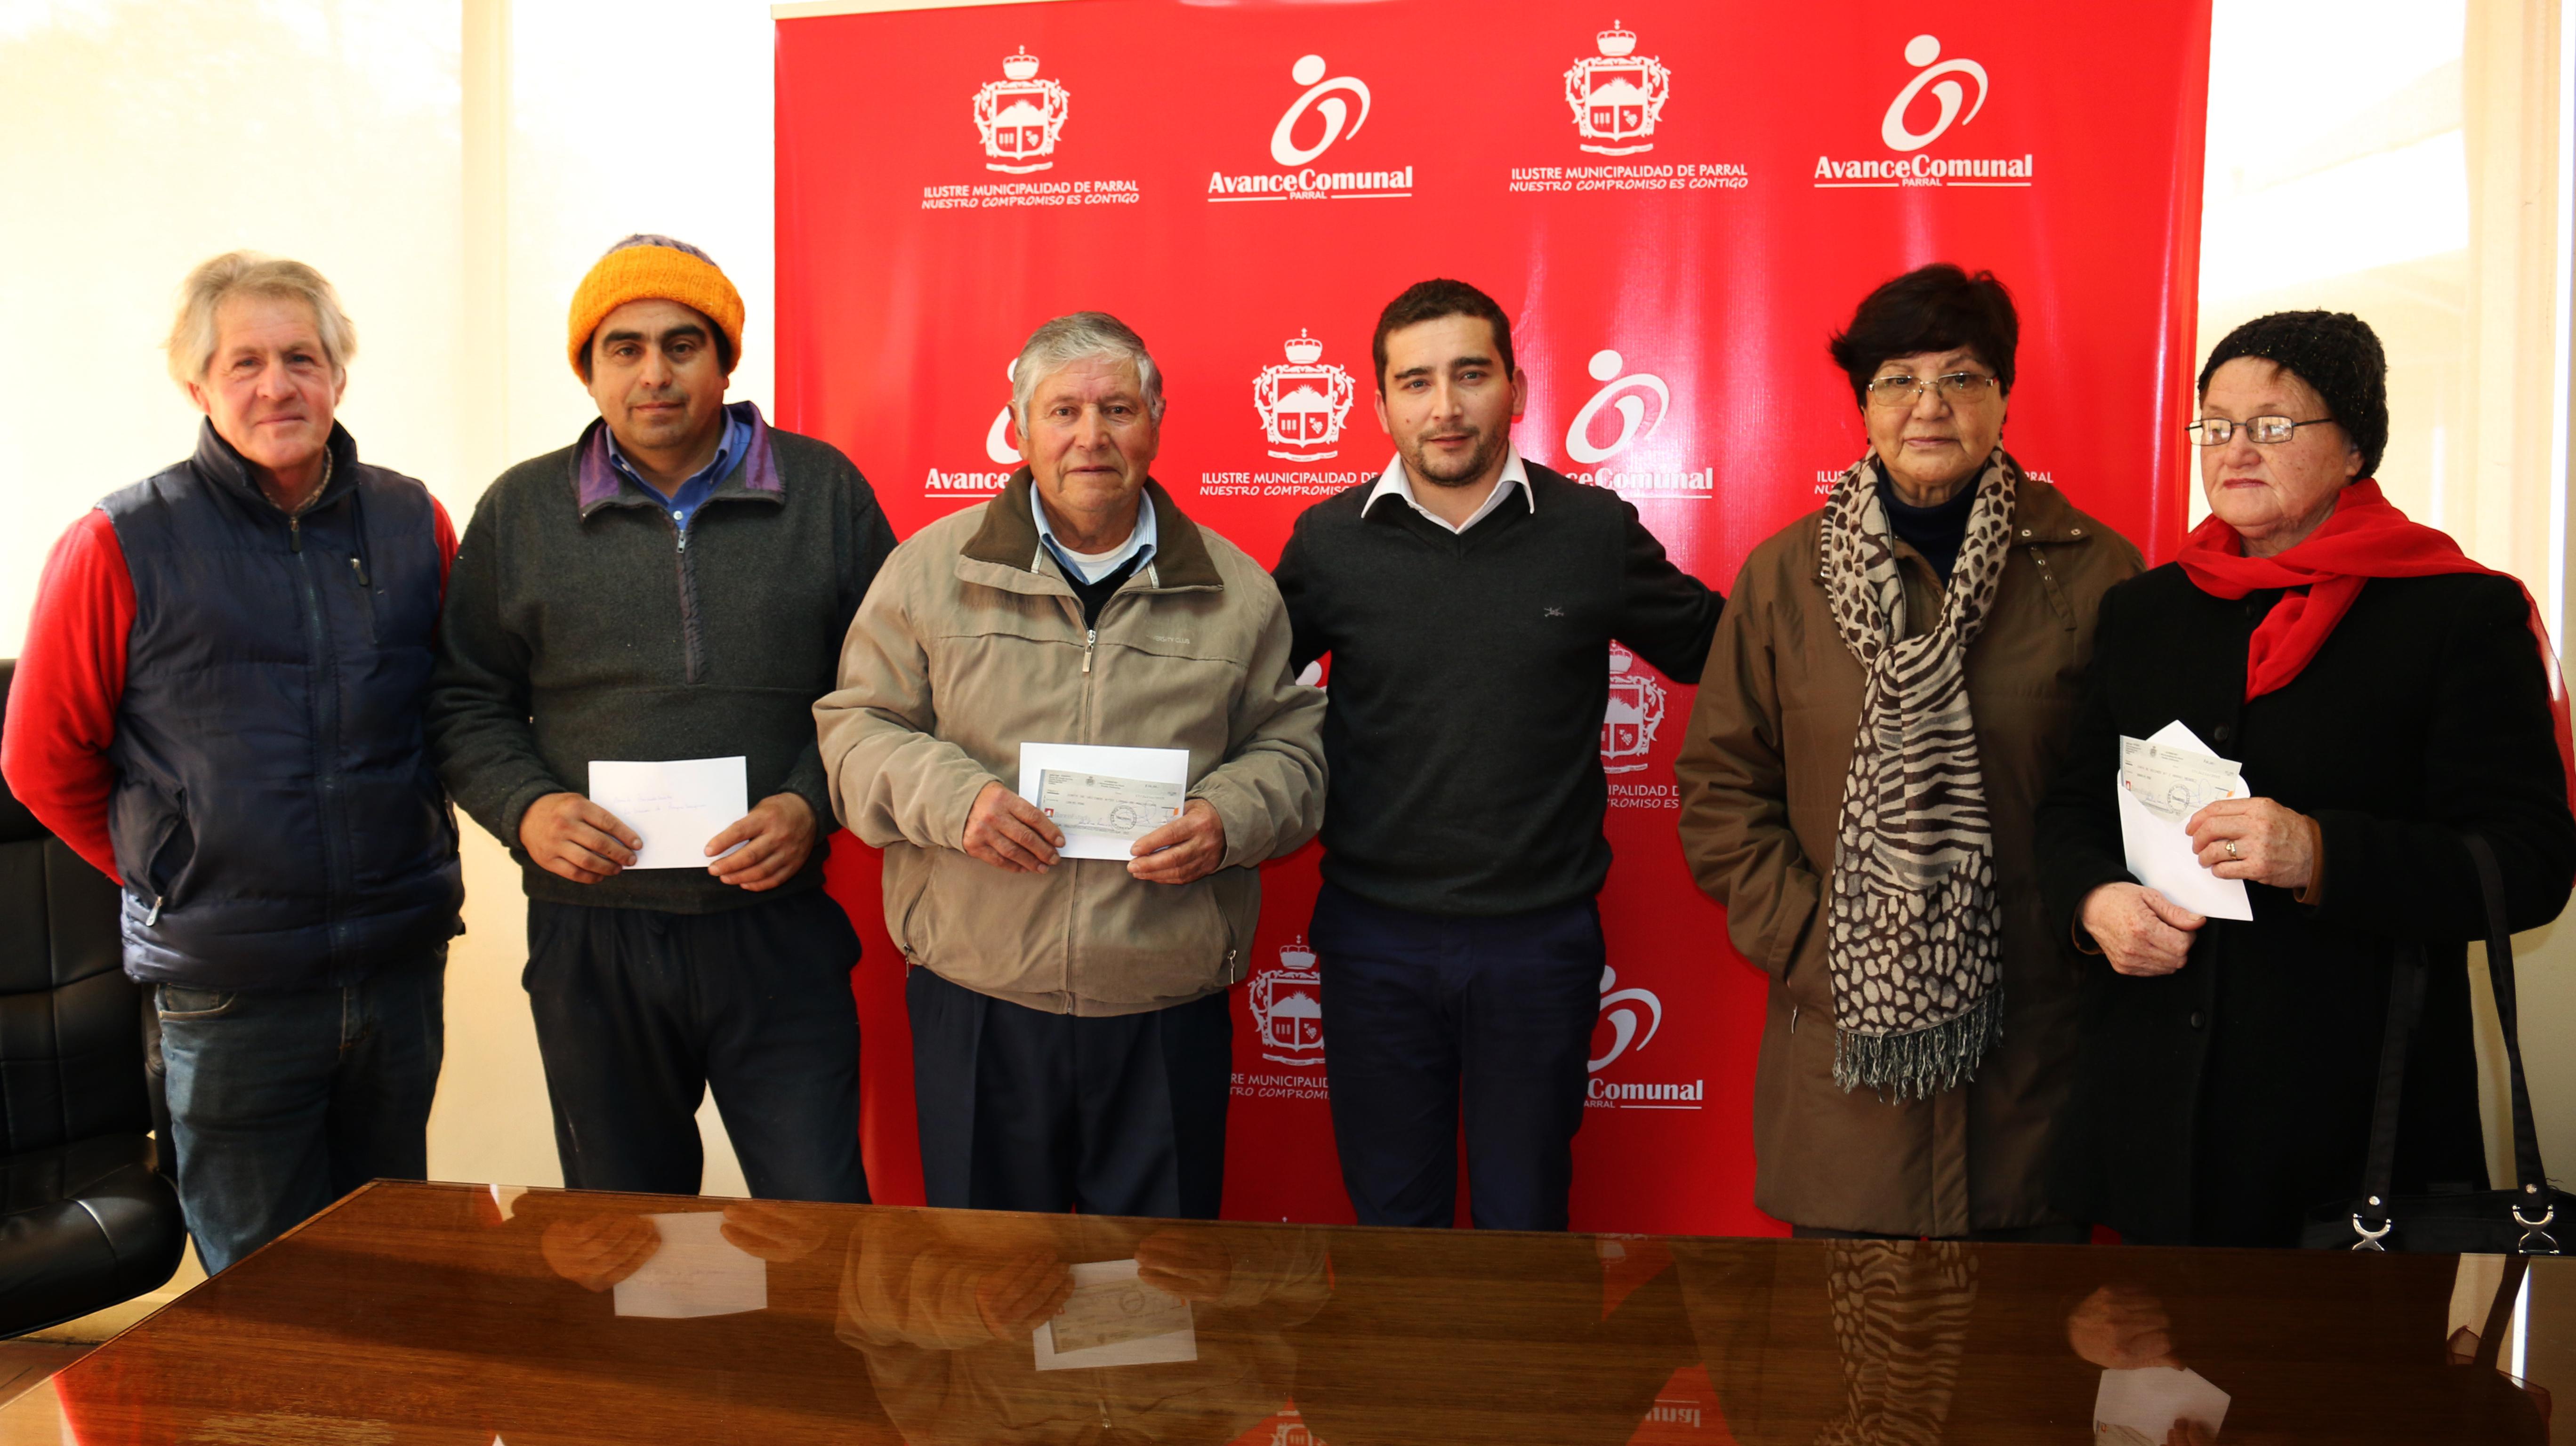 Municipio de Parral apoya a organizaciones locales a través de importantes subvenciones económicas